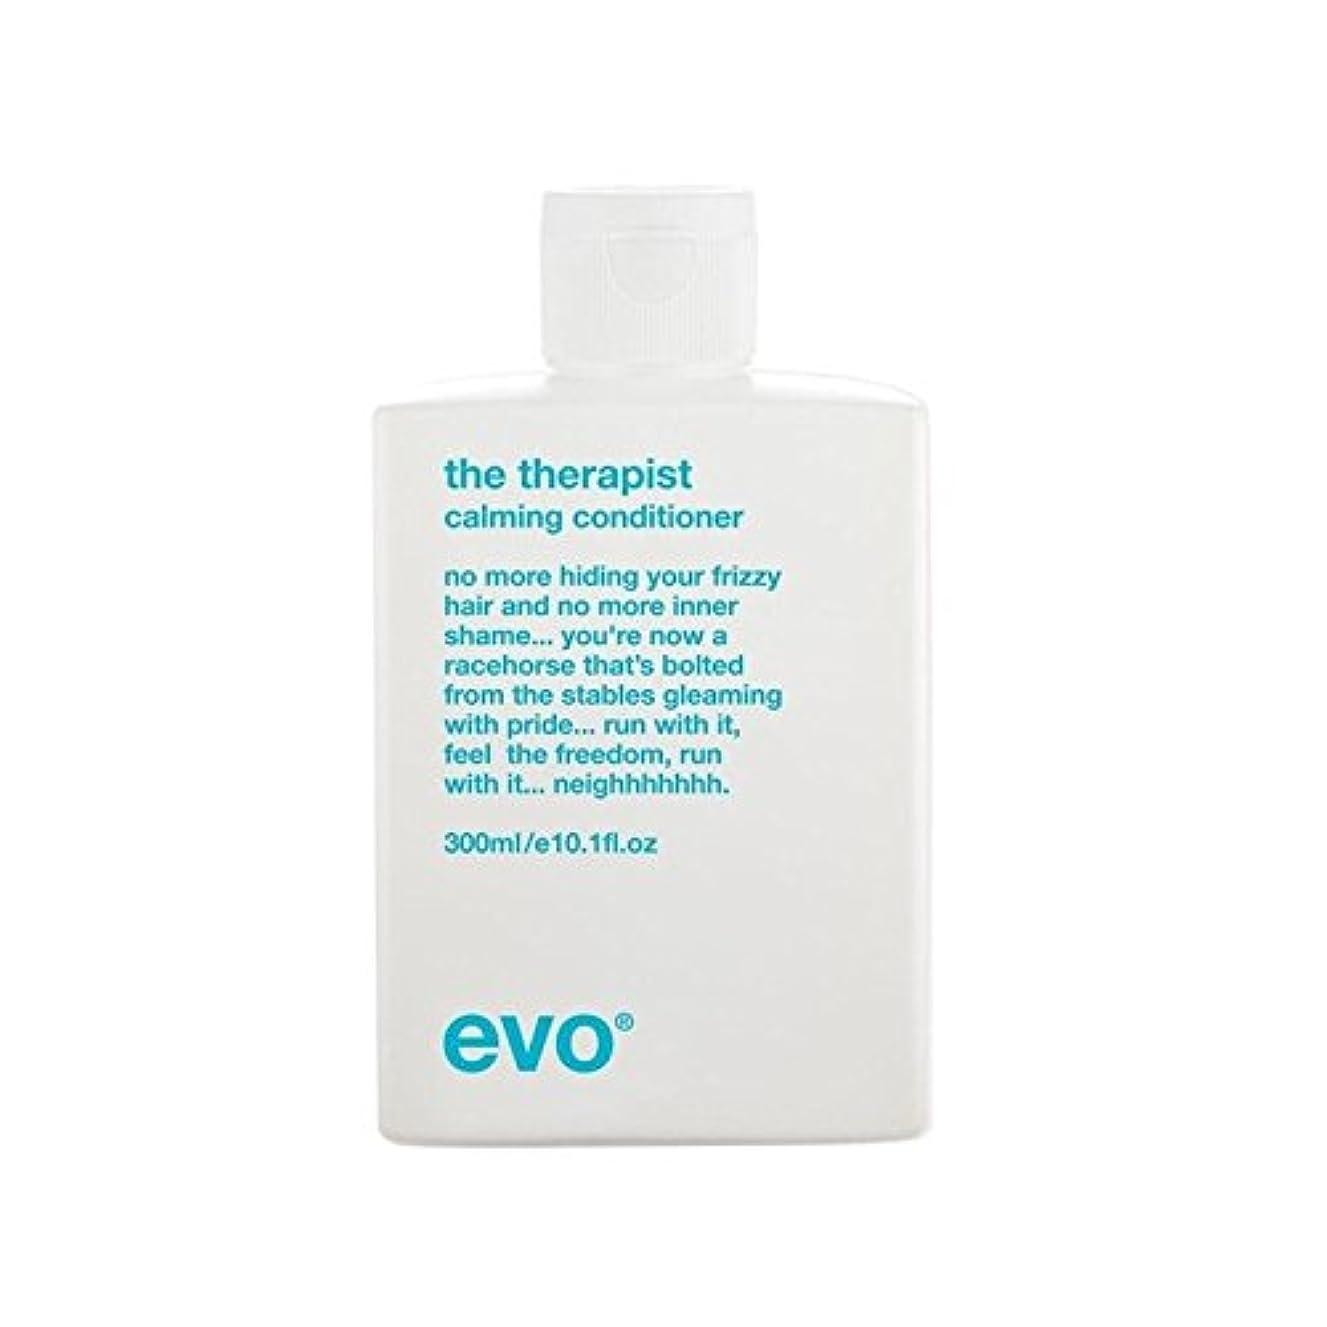 アジテーションダウンタウン残り物セラピスト沈静コンディショナー(300ミリリットル) x2 - Evo The Therapist Calming Conditioner (300ml) (Pack of 2) [並行輸入品]